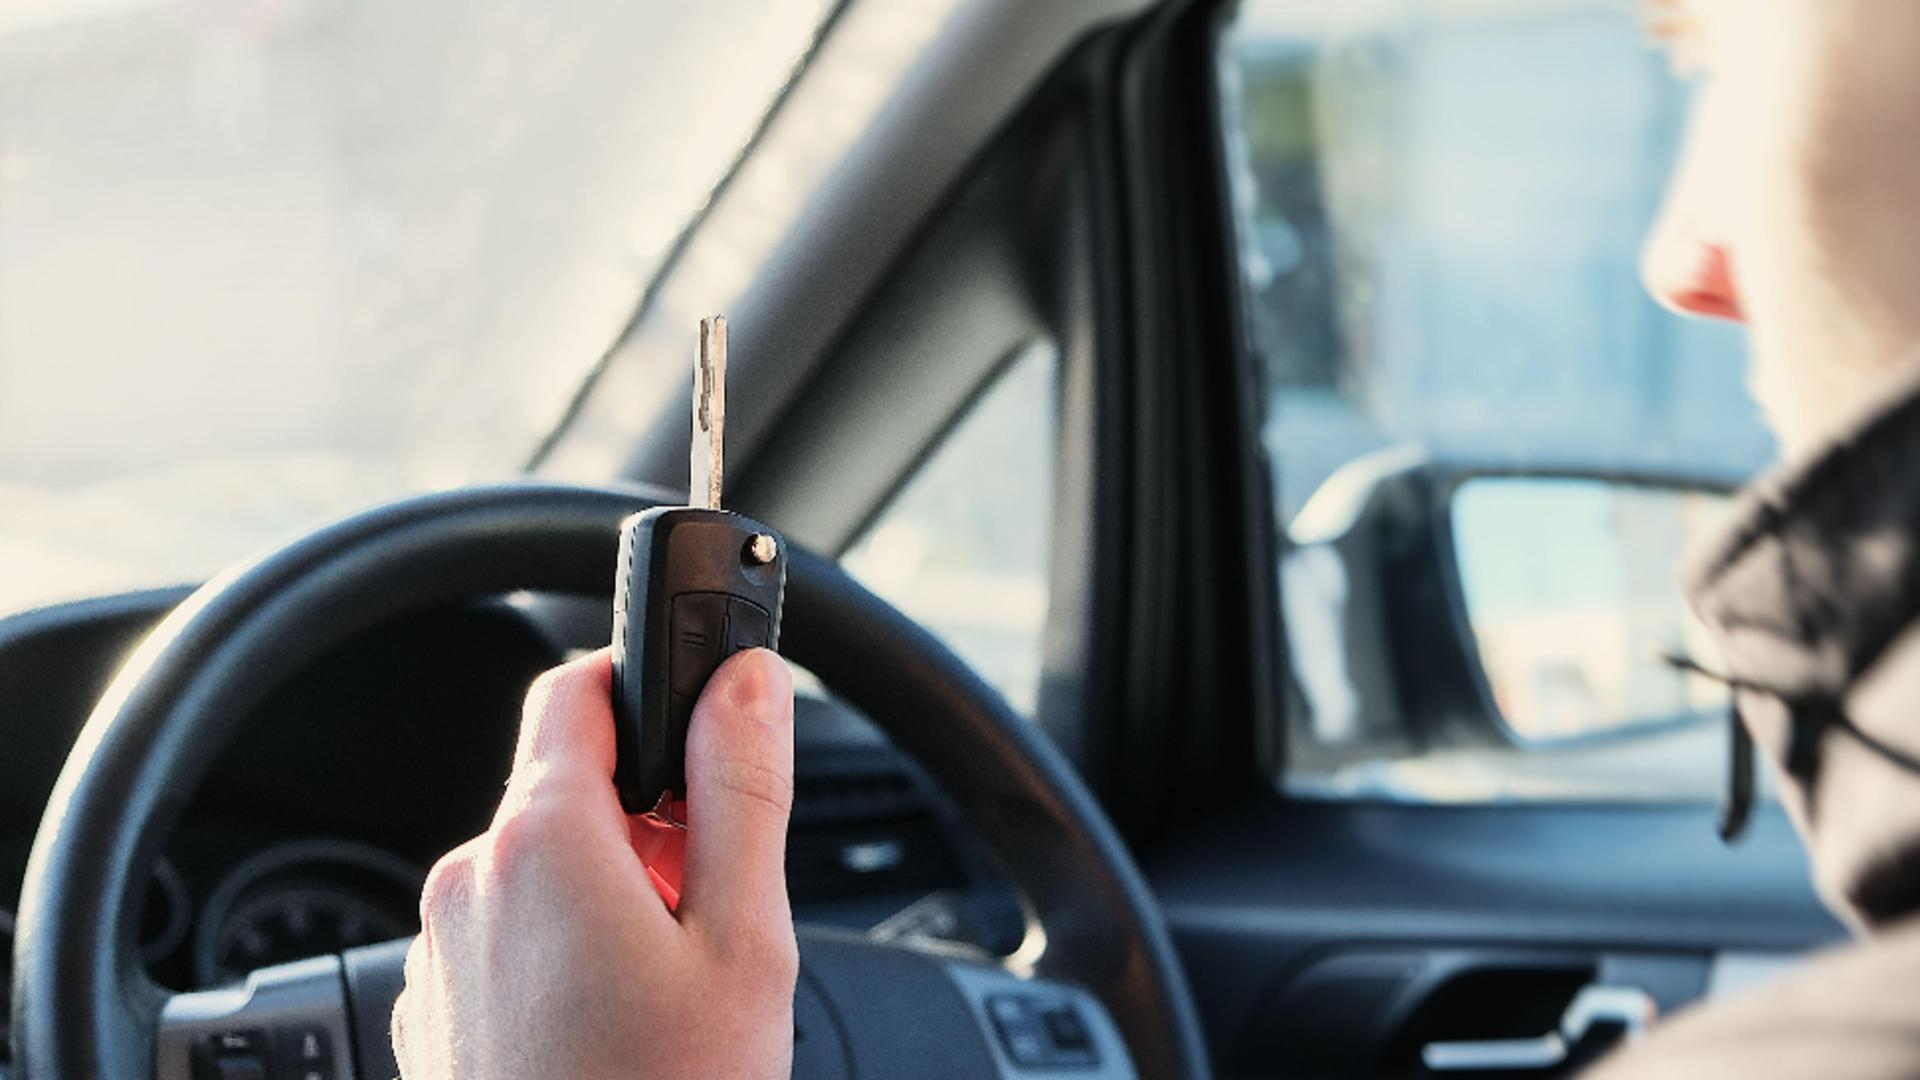 Când a fost oprit, oamenii legii au găsit în autoturism un pistol și trei cartușe / Foto: Profi Media